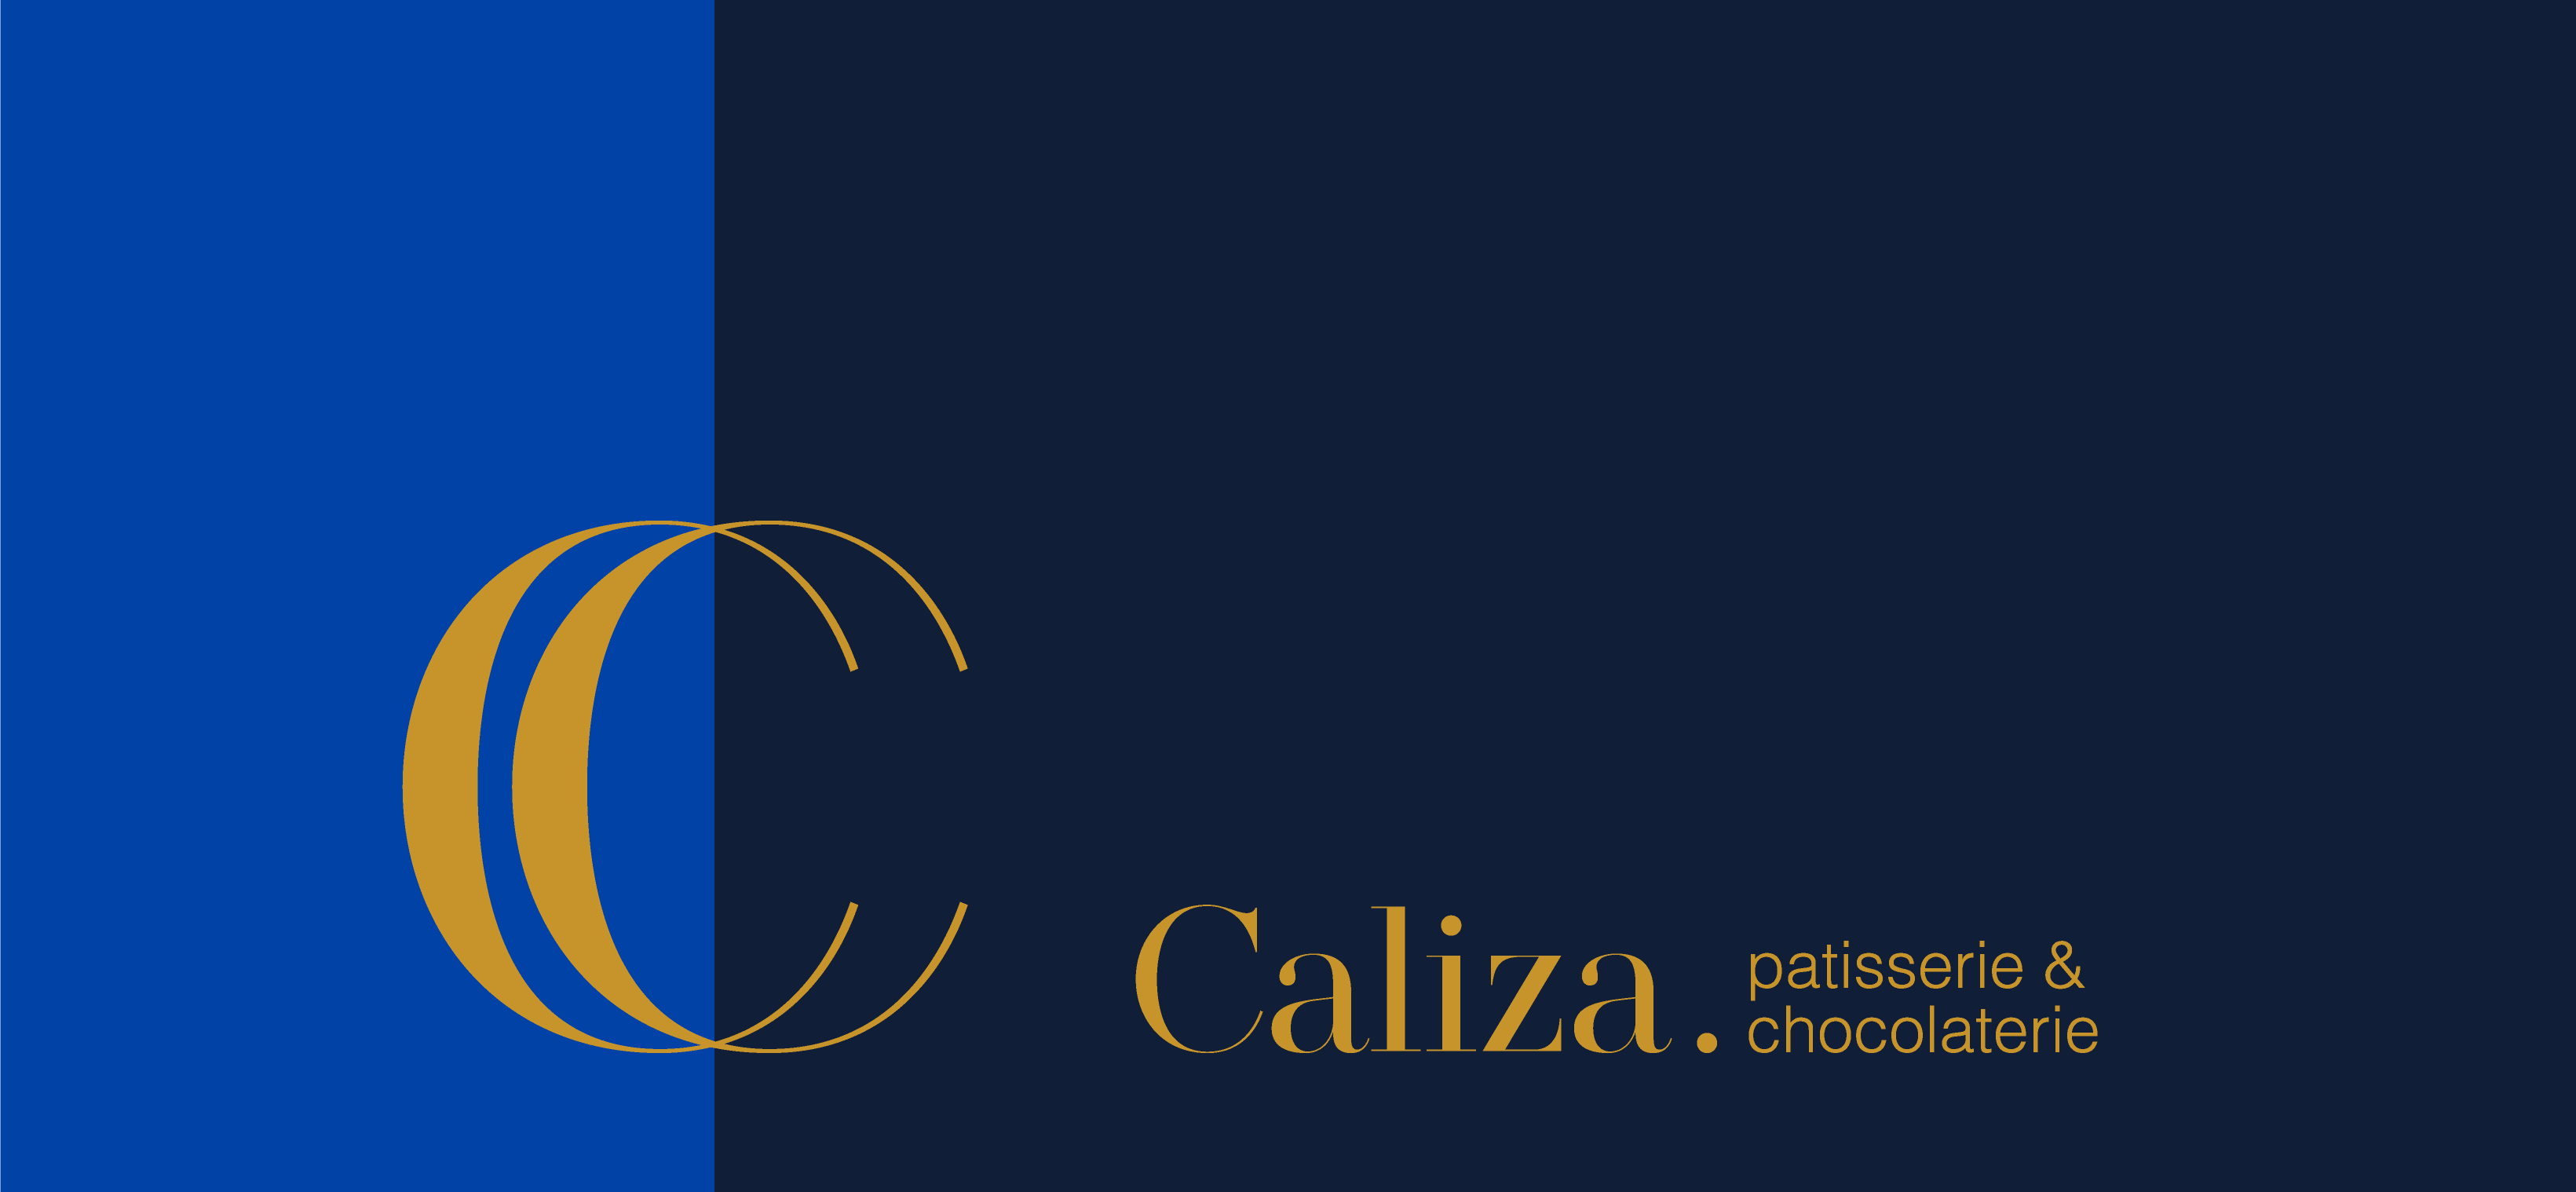 Studio-Broodnodig-caliza-huisstijl-logo-voor-socialmedia